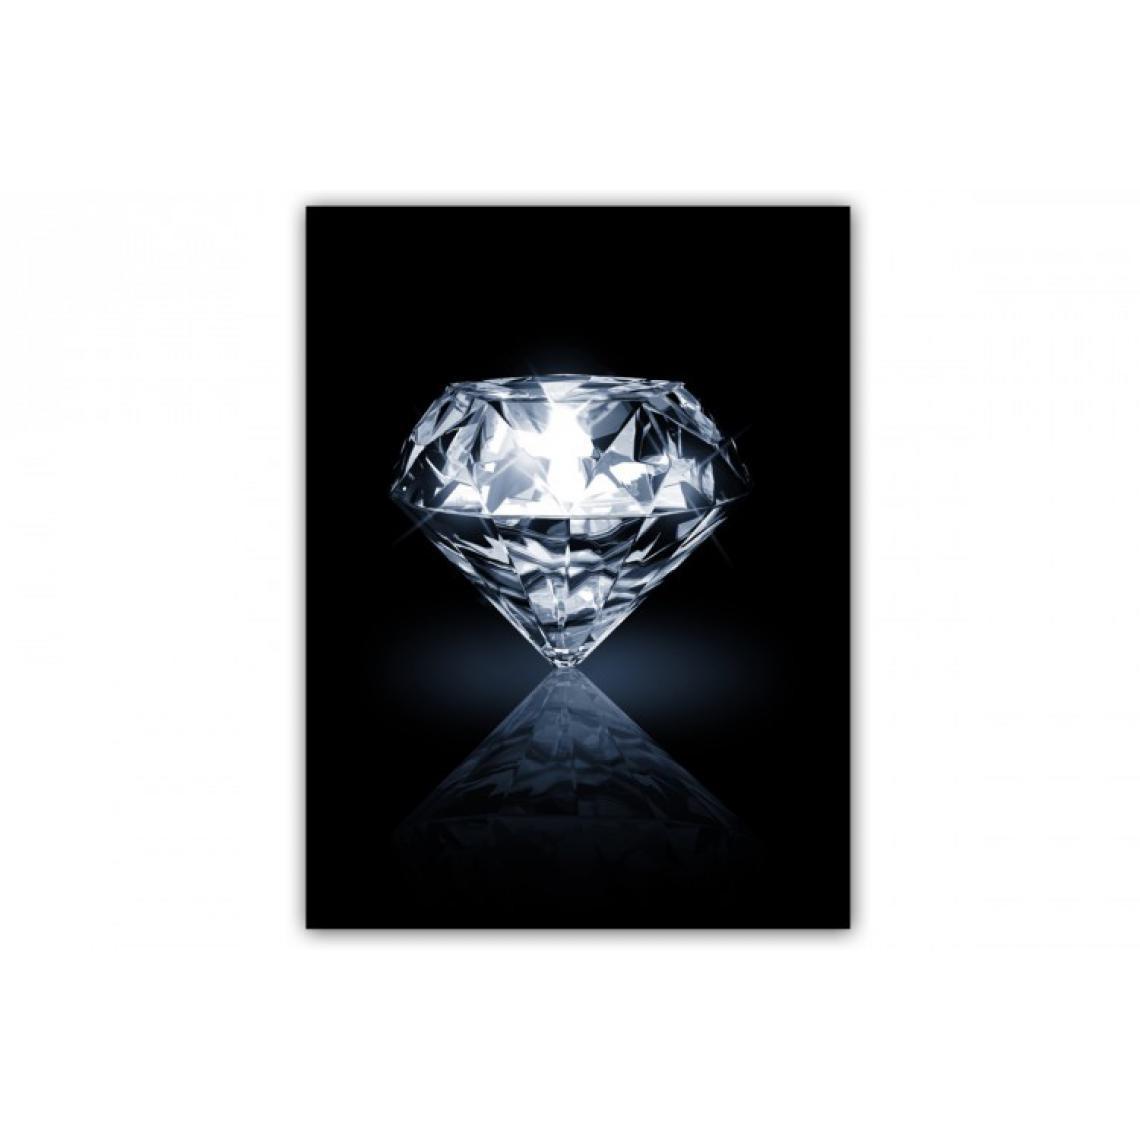 Tableau Romantique Solitaire Diamant L.55 x H.80 cm